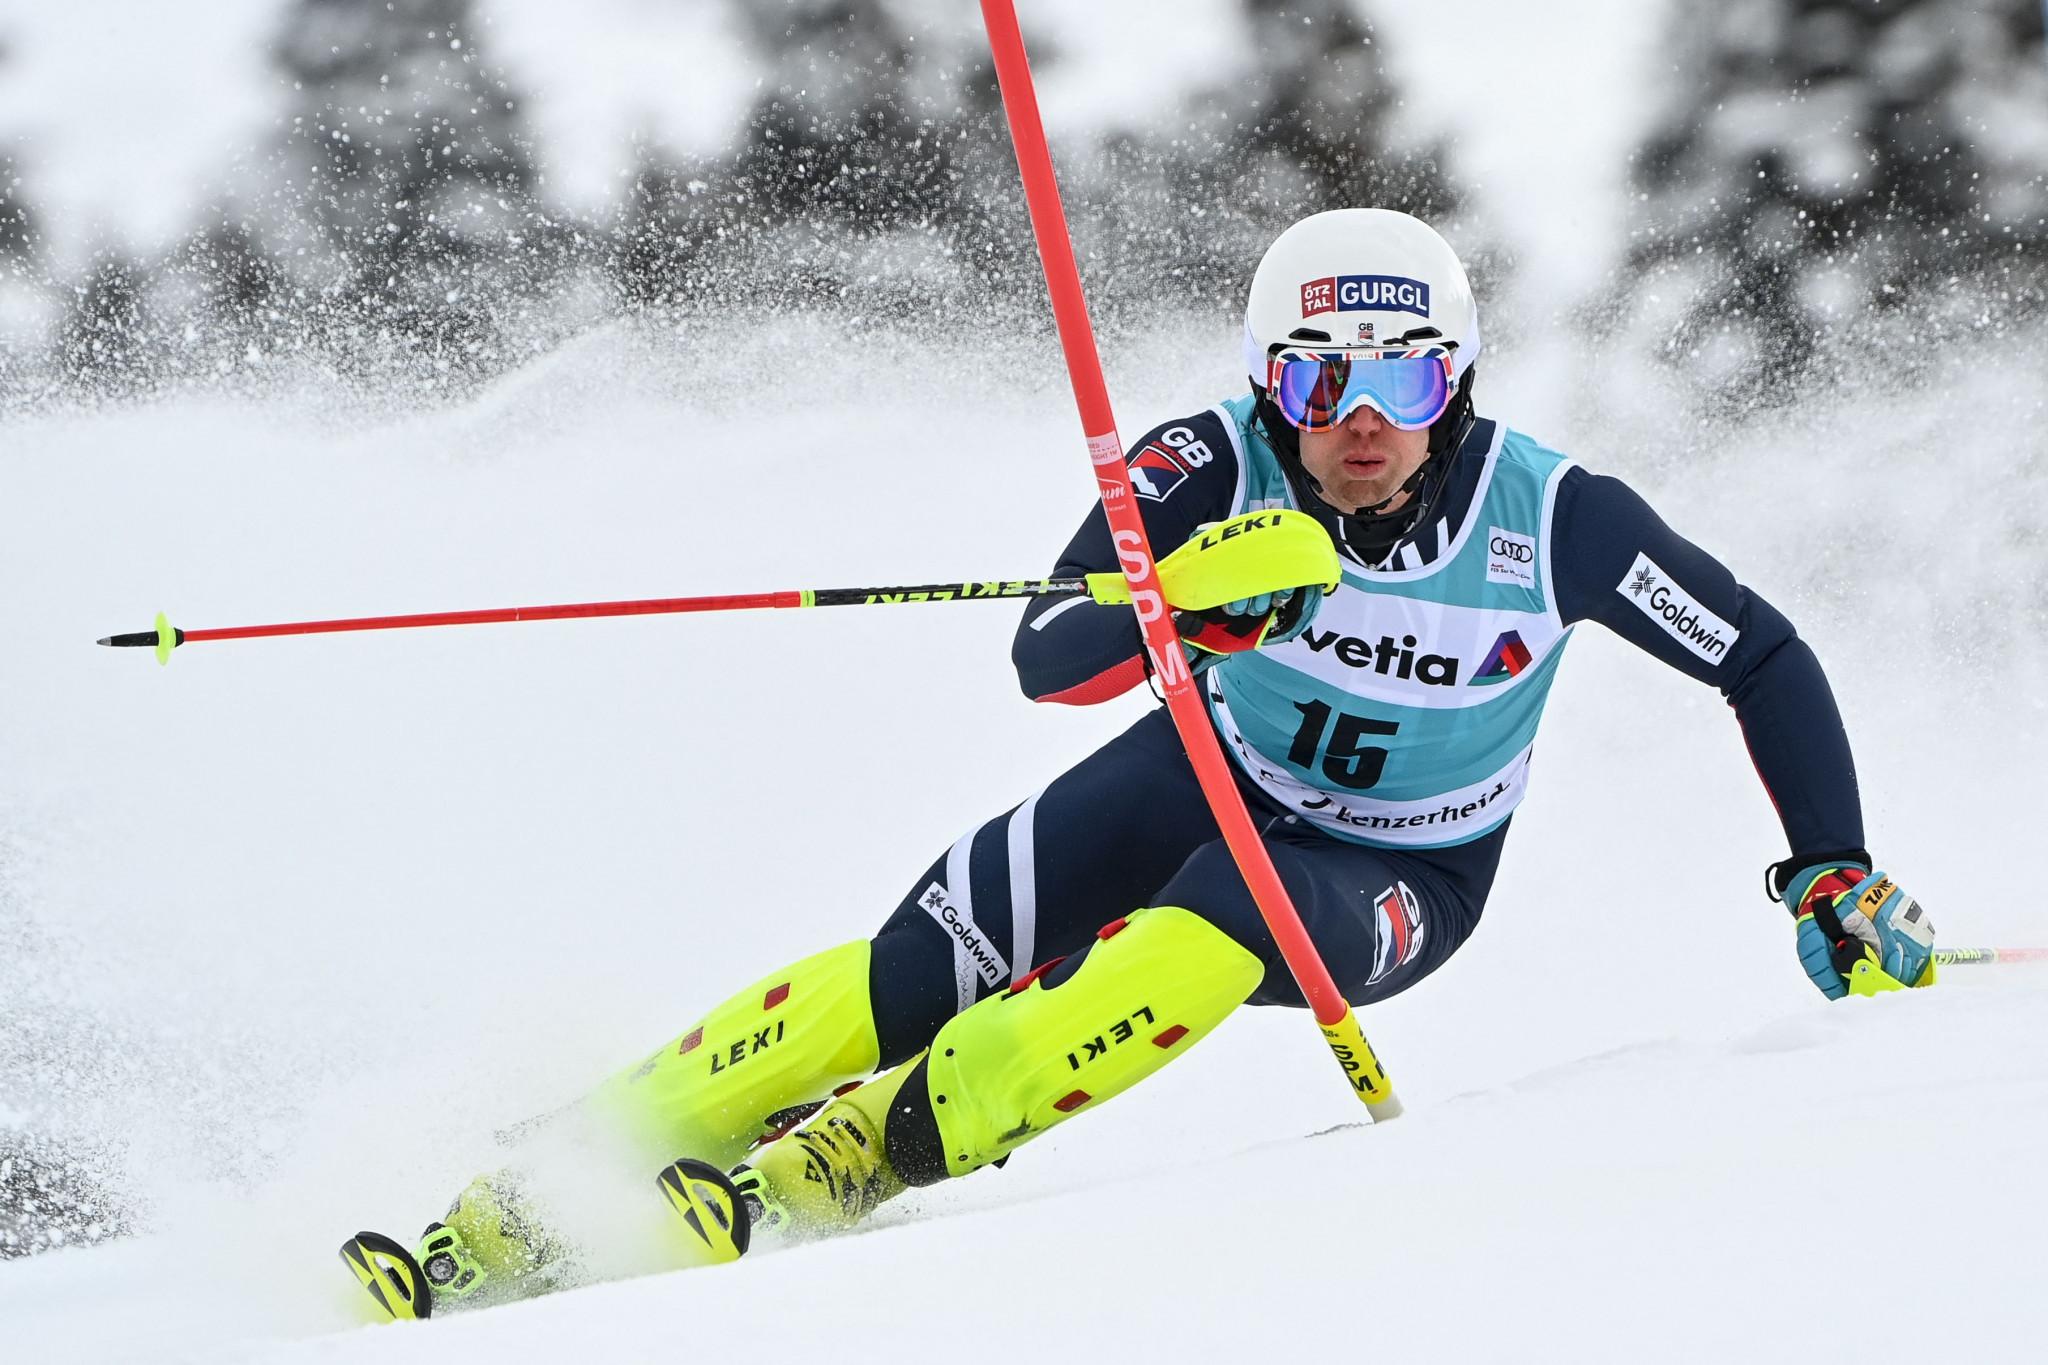 Ryding among six athletes named on British Alpine squad for new season